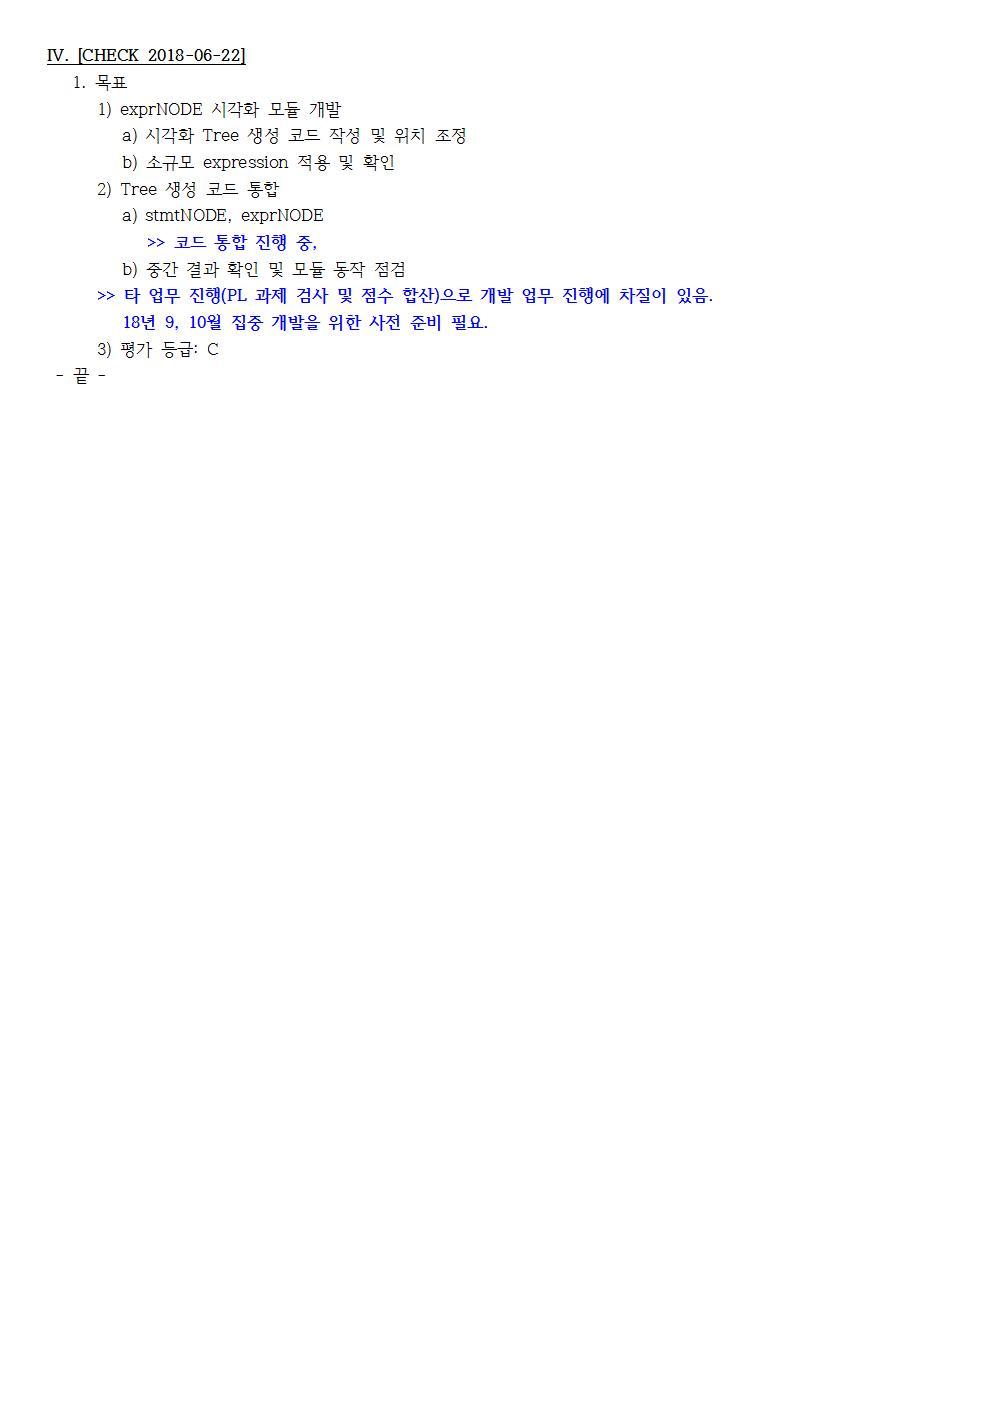 D-[18-003-RD-03]-[SRRE]-[2018-06-22][JS]003.jpg